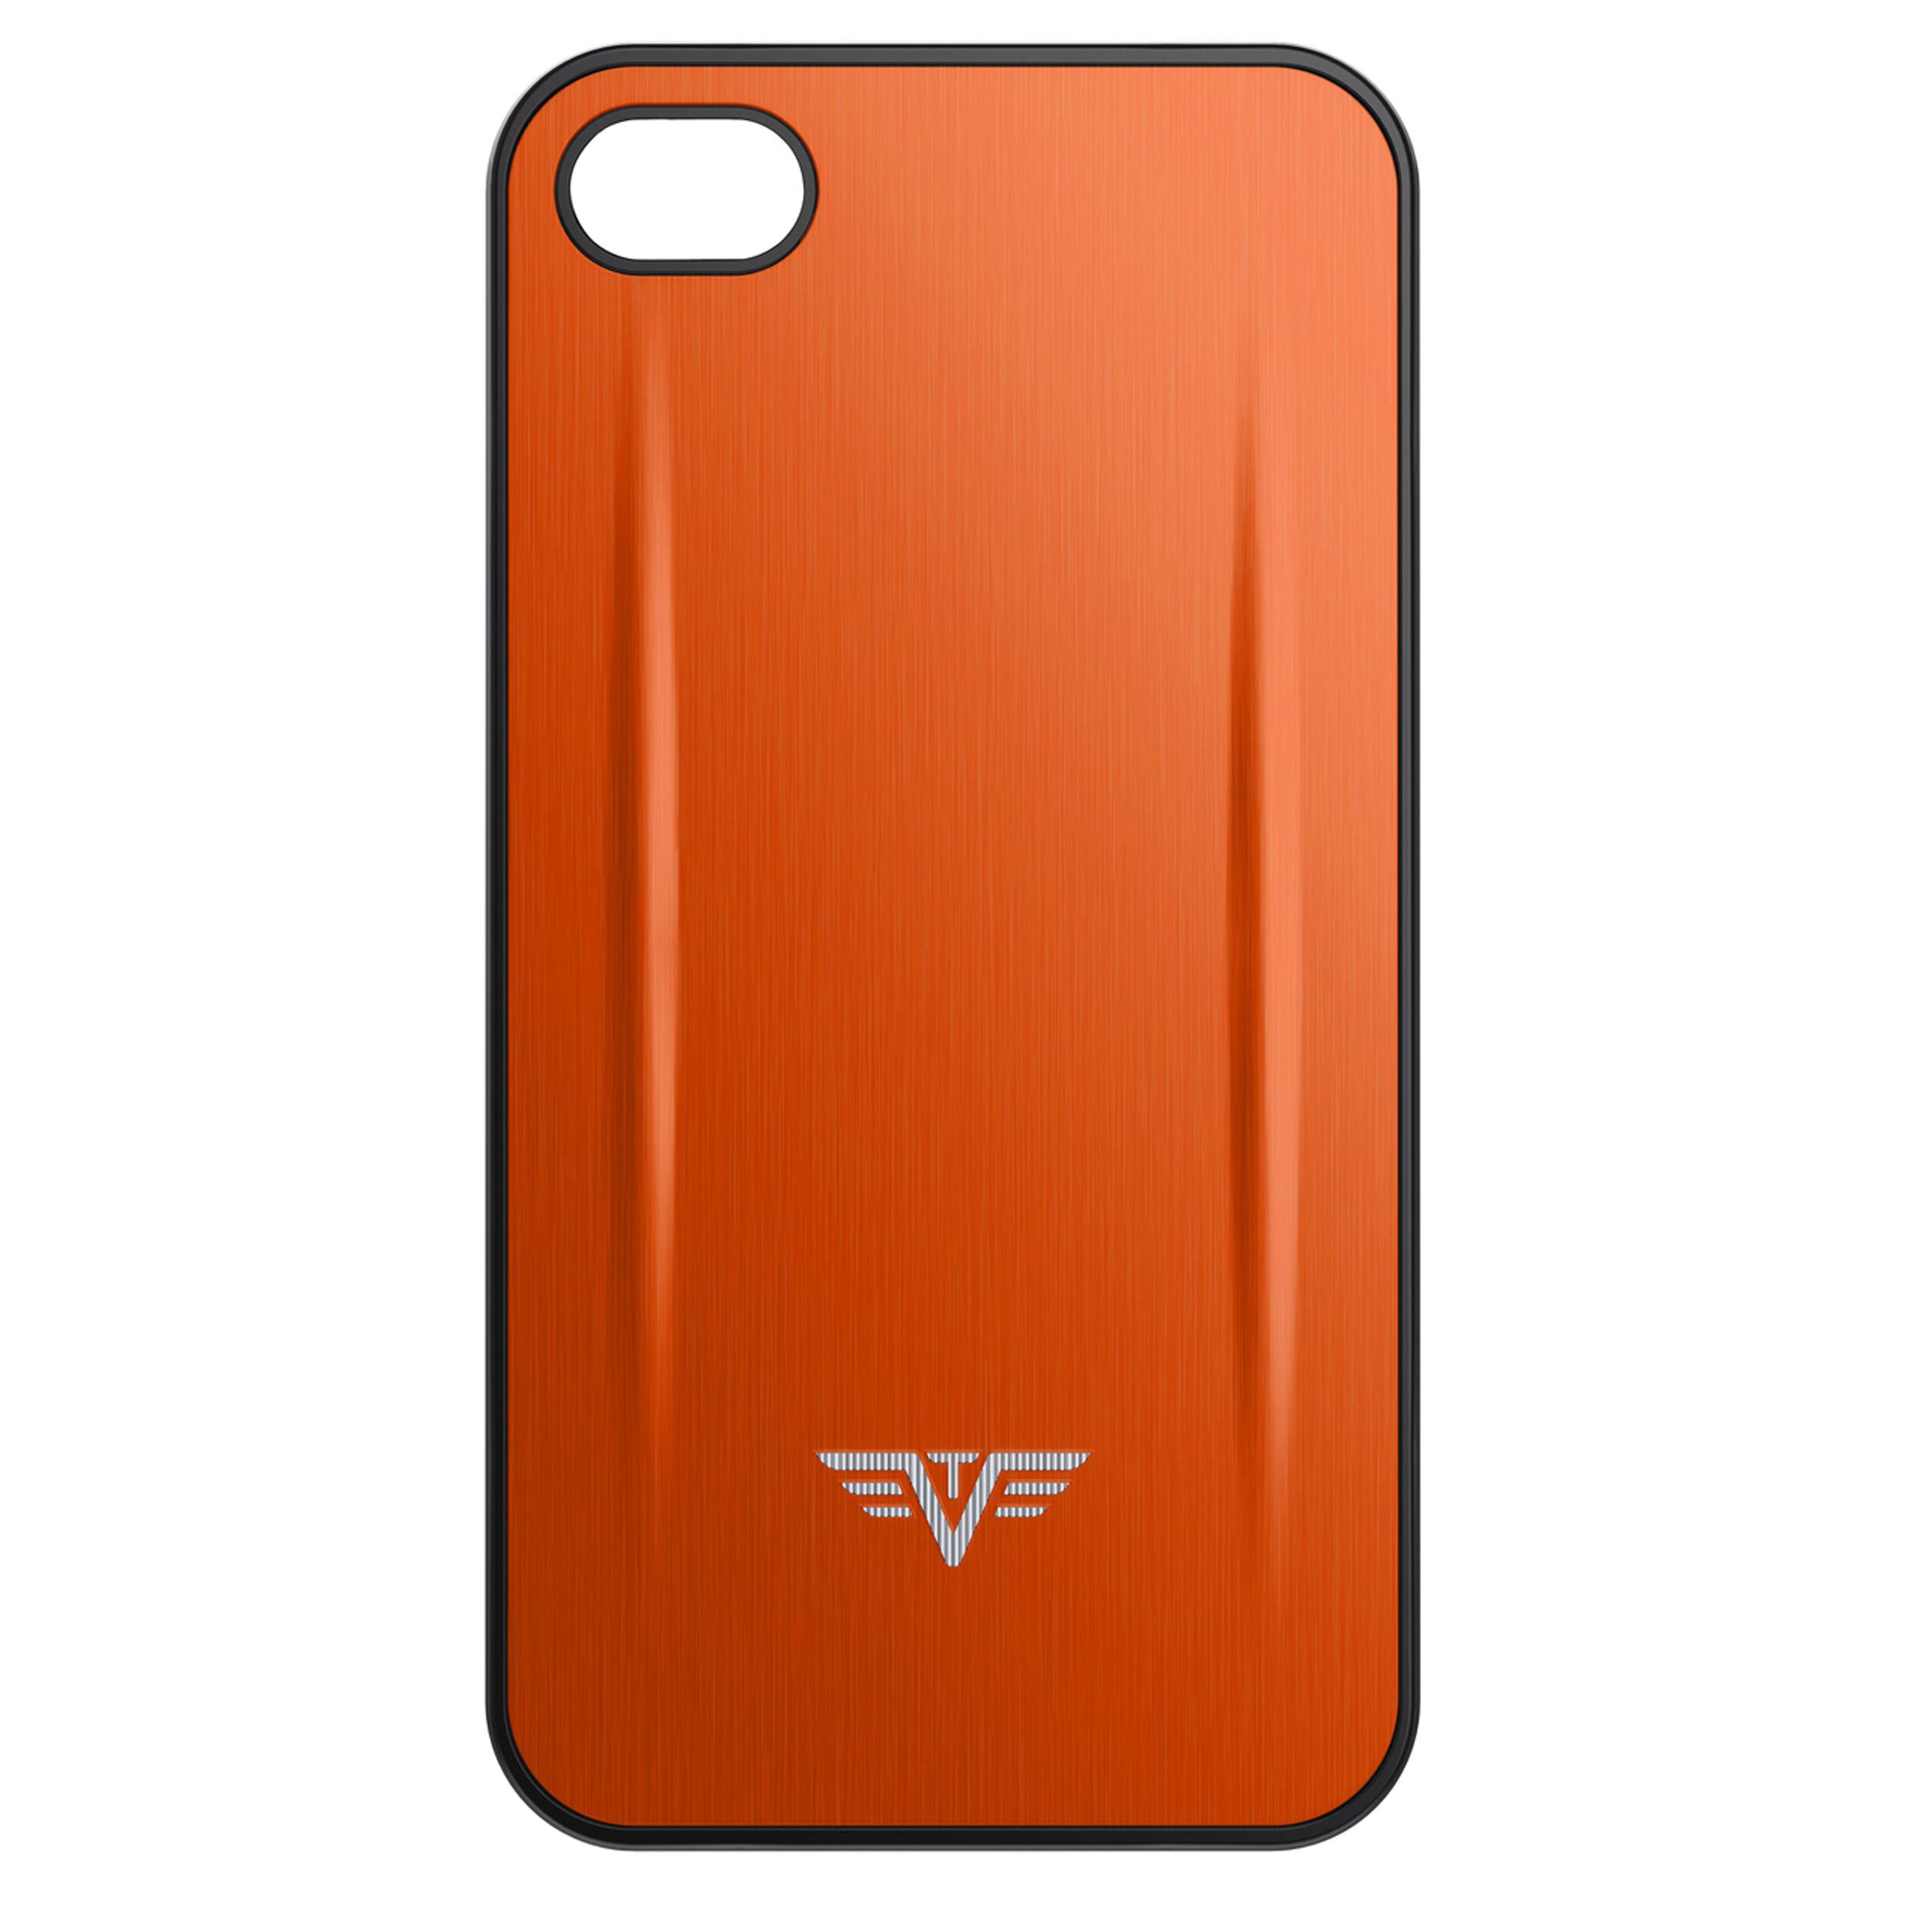 Tru Virtu Coque Iphone 4/4S Shel...